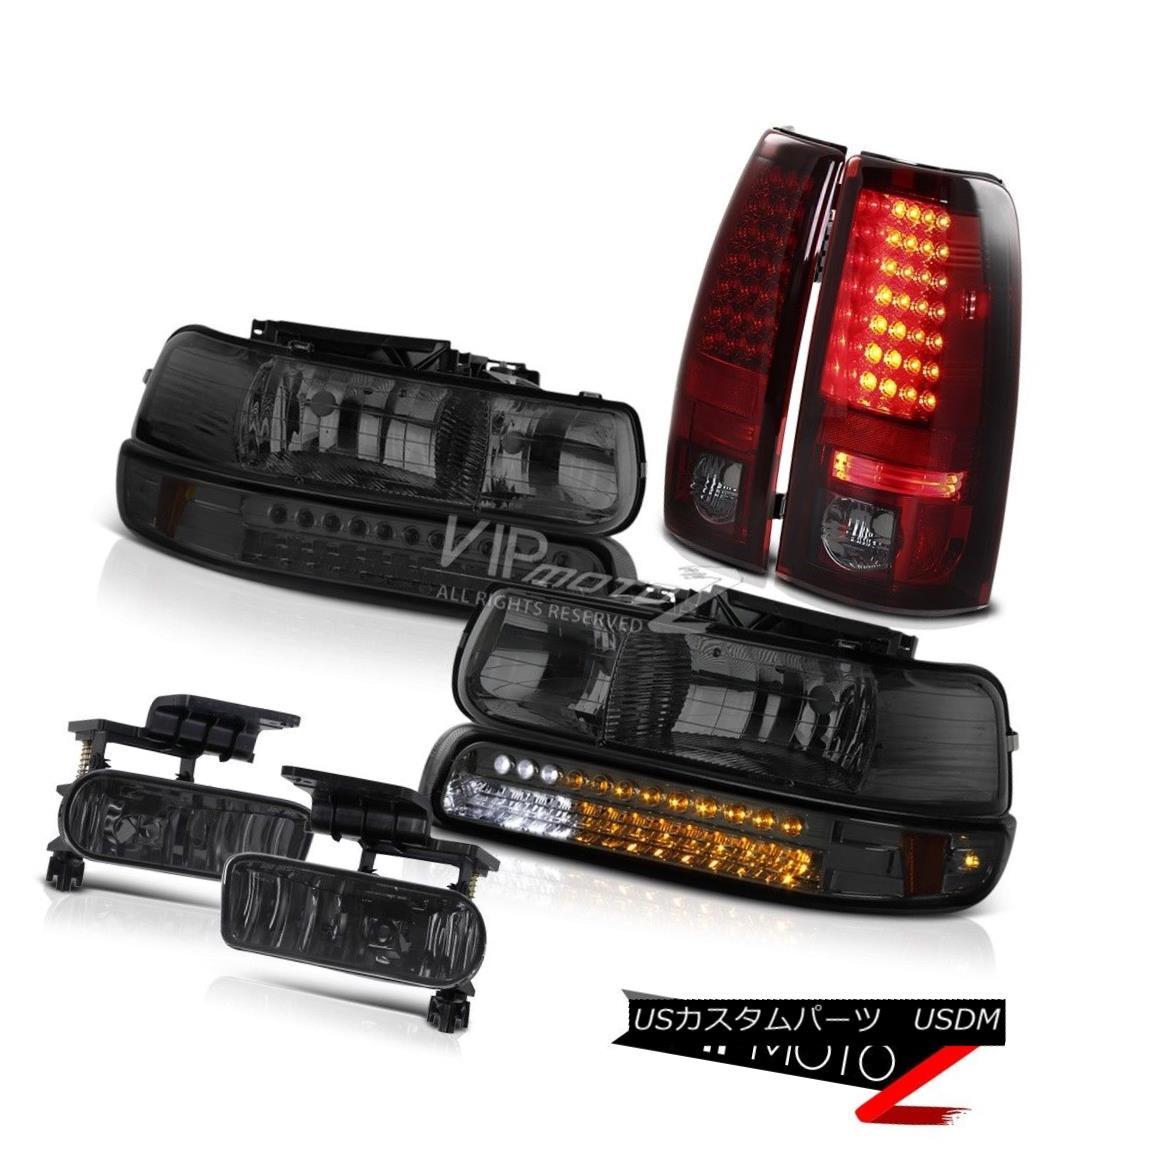 テールライト 99-2002 Chevy Silverado 2500HD Bumper LED Headlights Bulbs Tail Lights Foglights 99-2002シボレーシルバラード2500HDバンパーLEDヘッドライト電球テールライトフォグライト